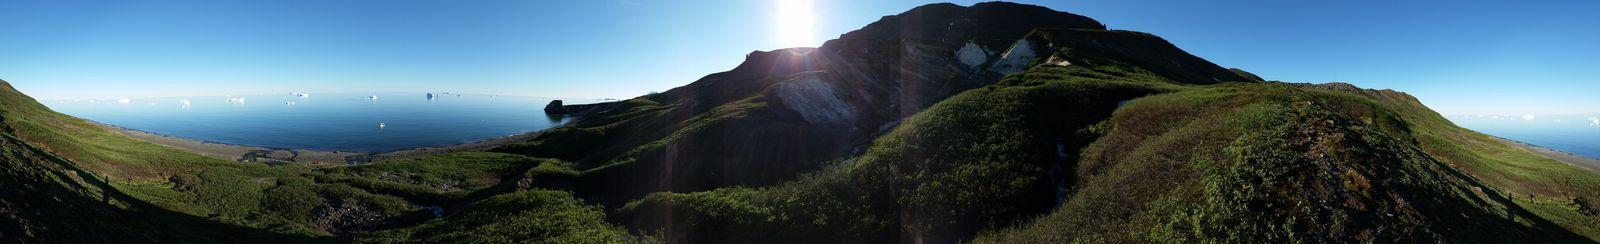 2015-06-29-1955_-_Gode_1__Panorama